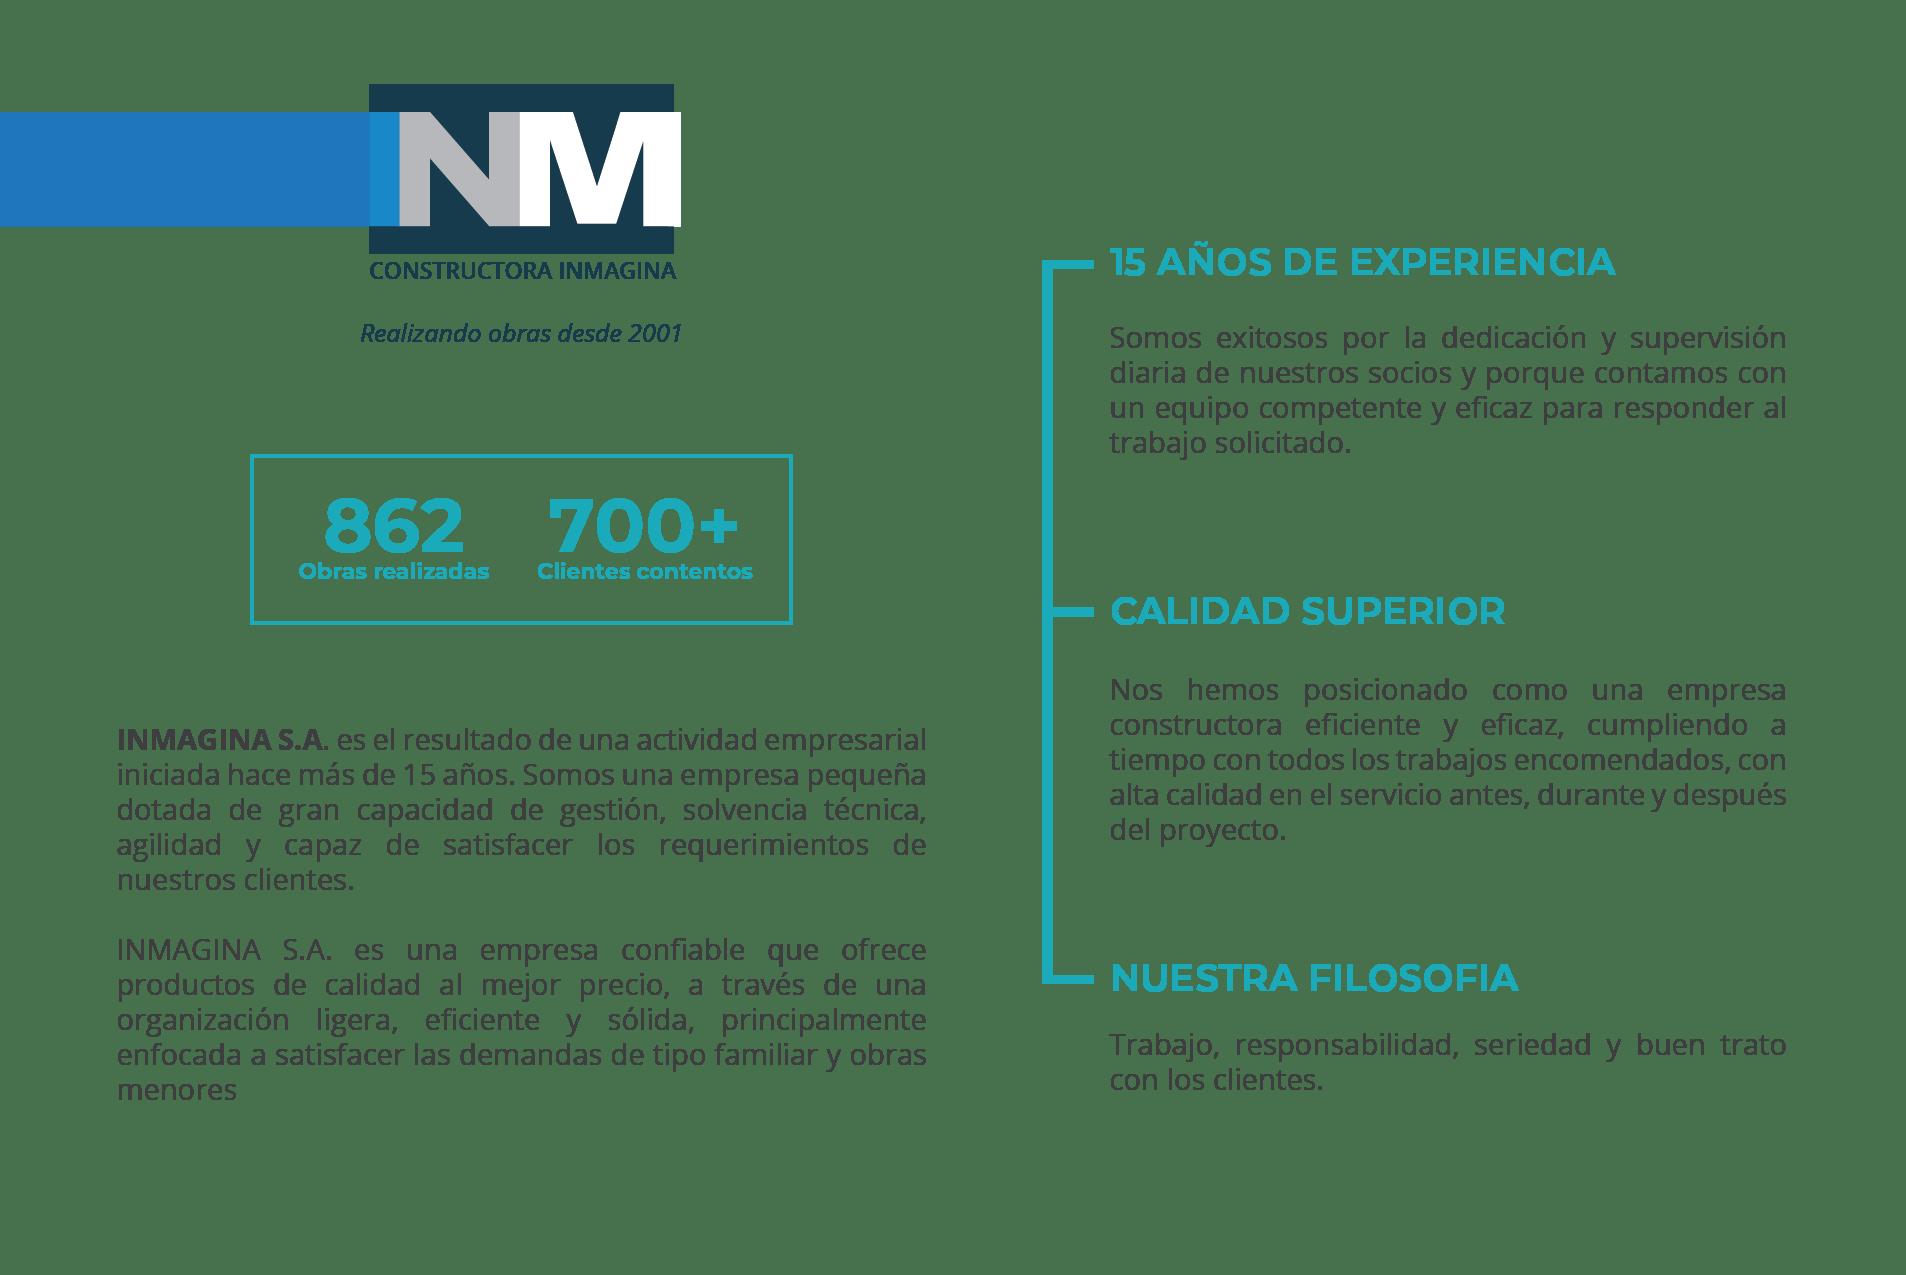 Pagina web_nosotros-01